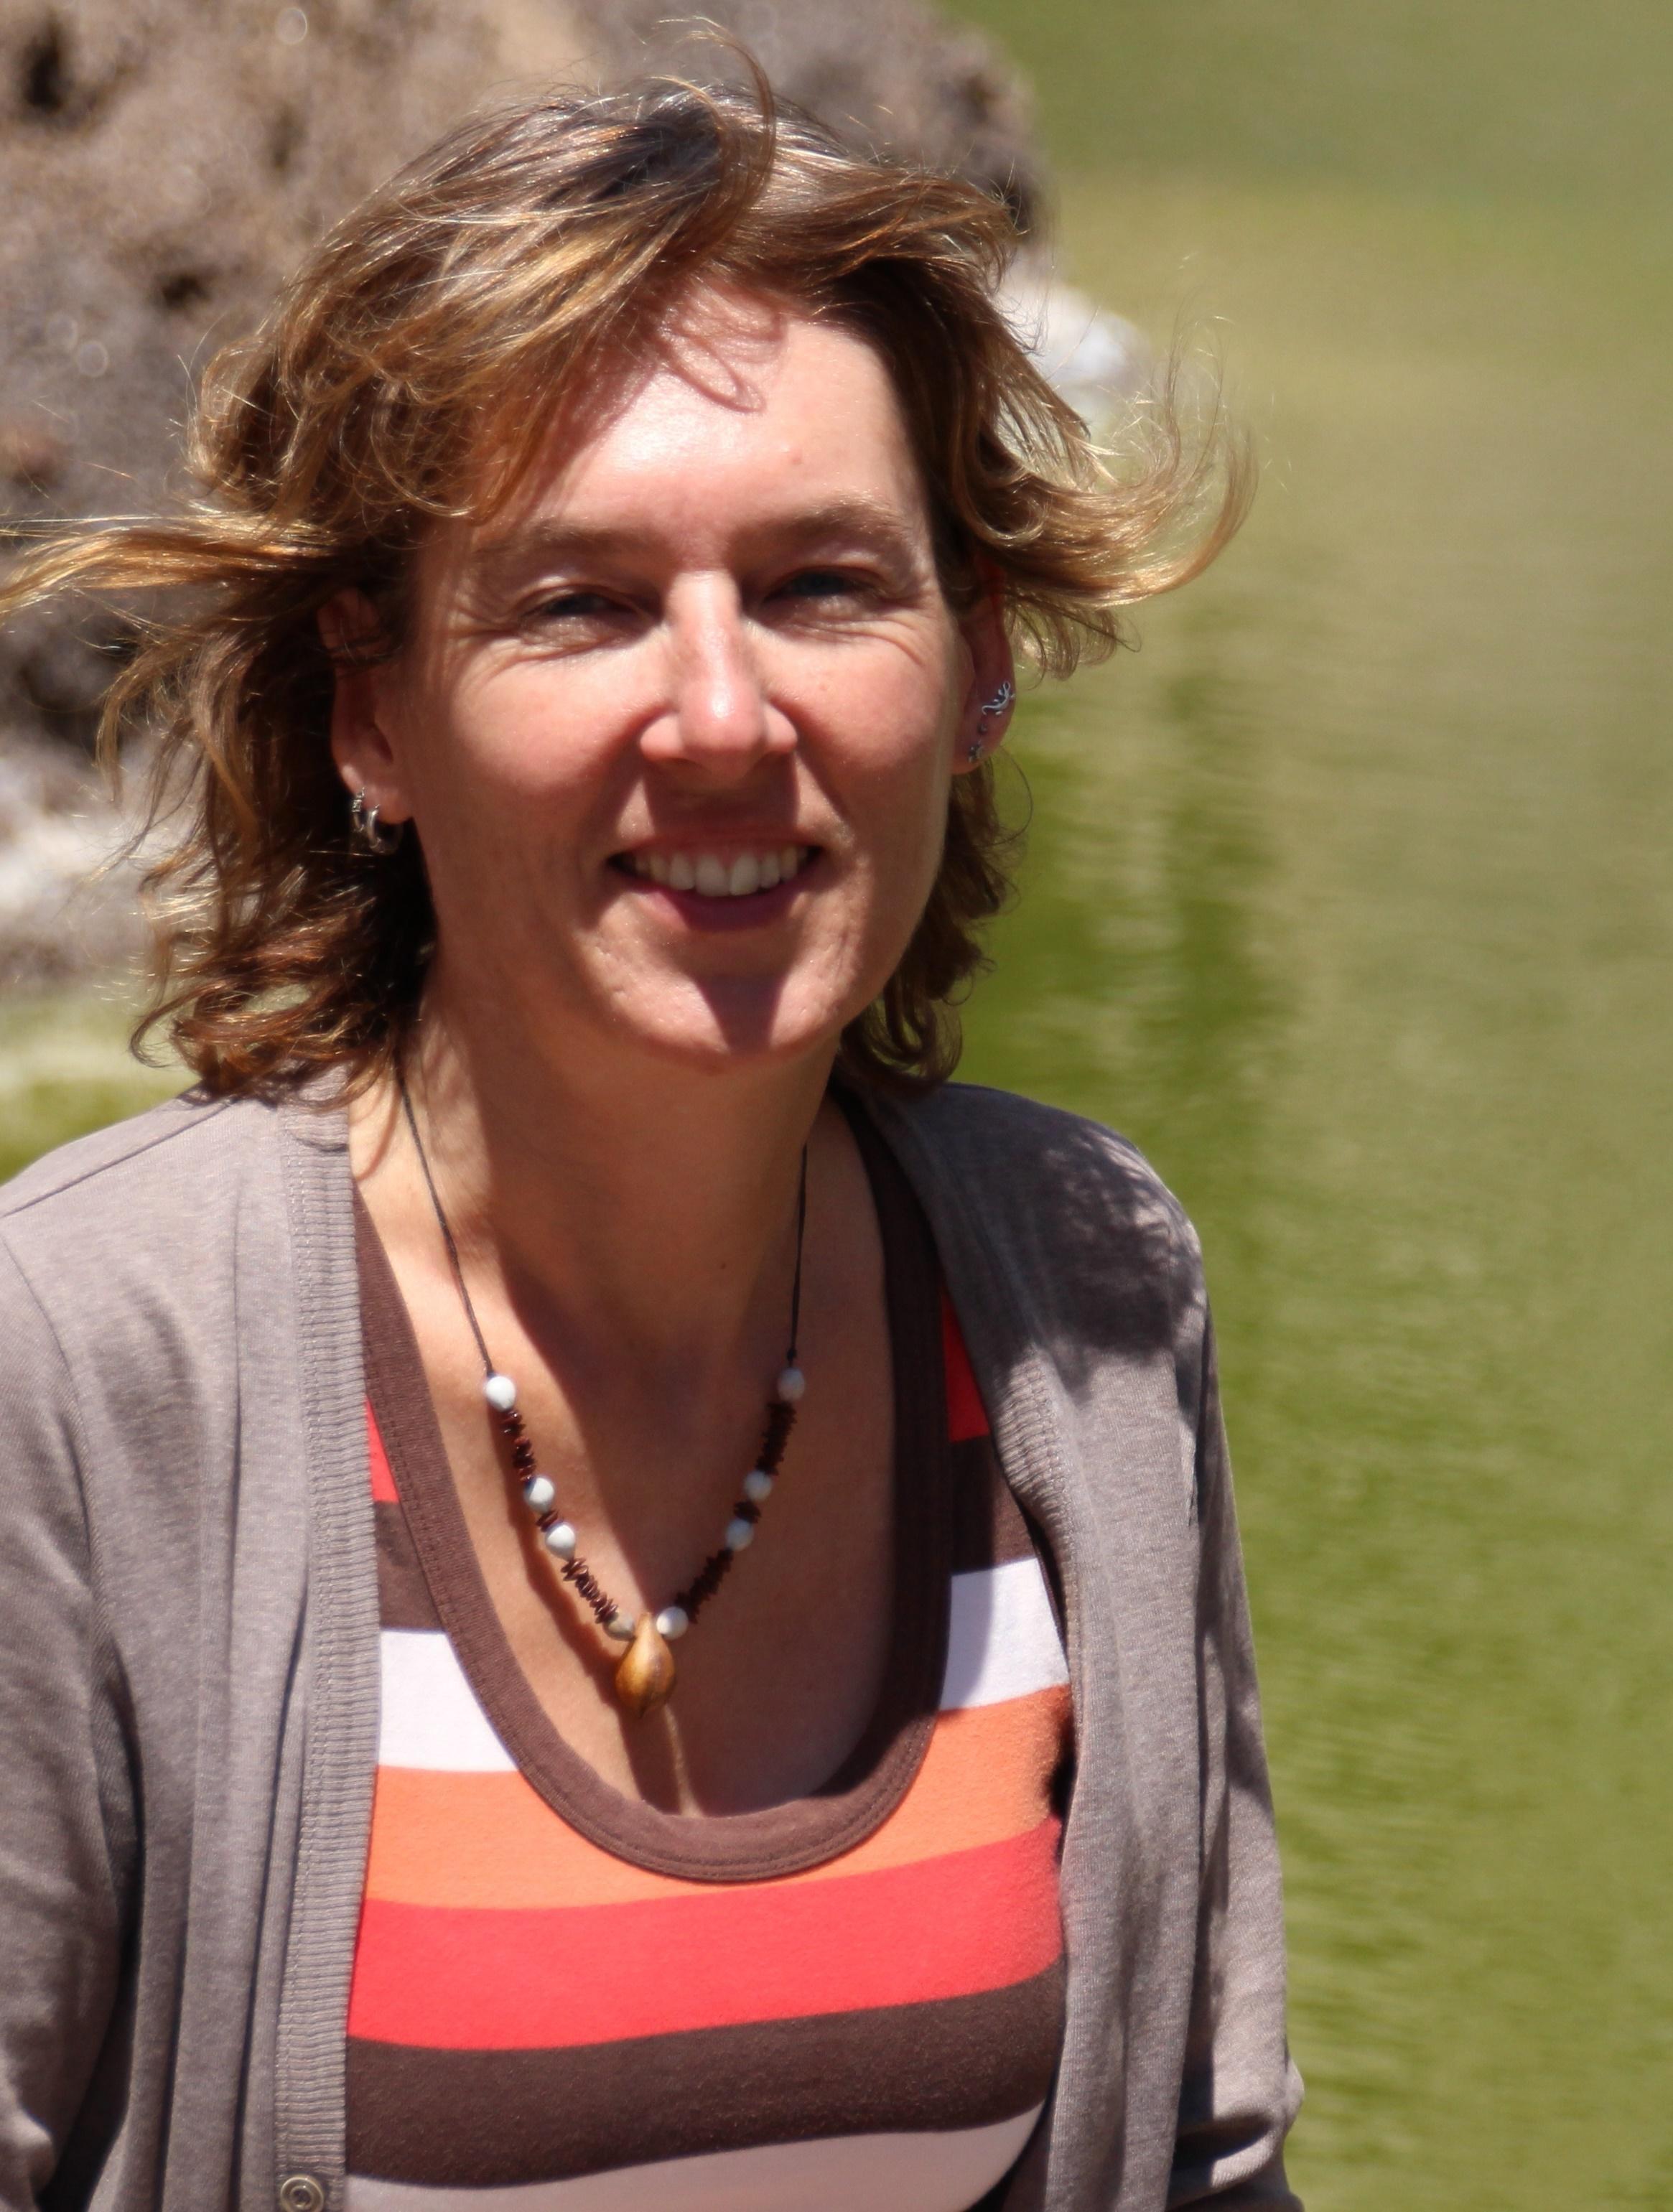 Bettina Wachter